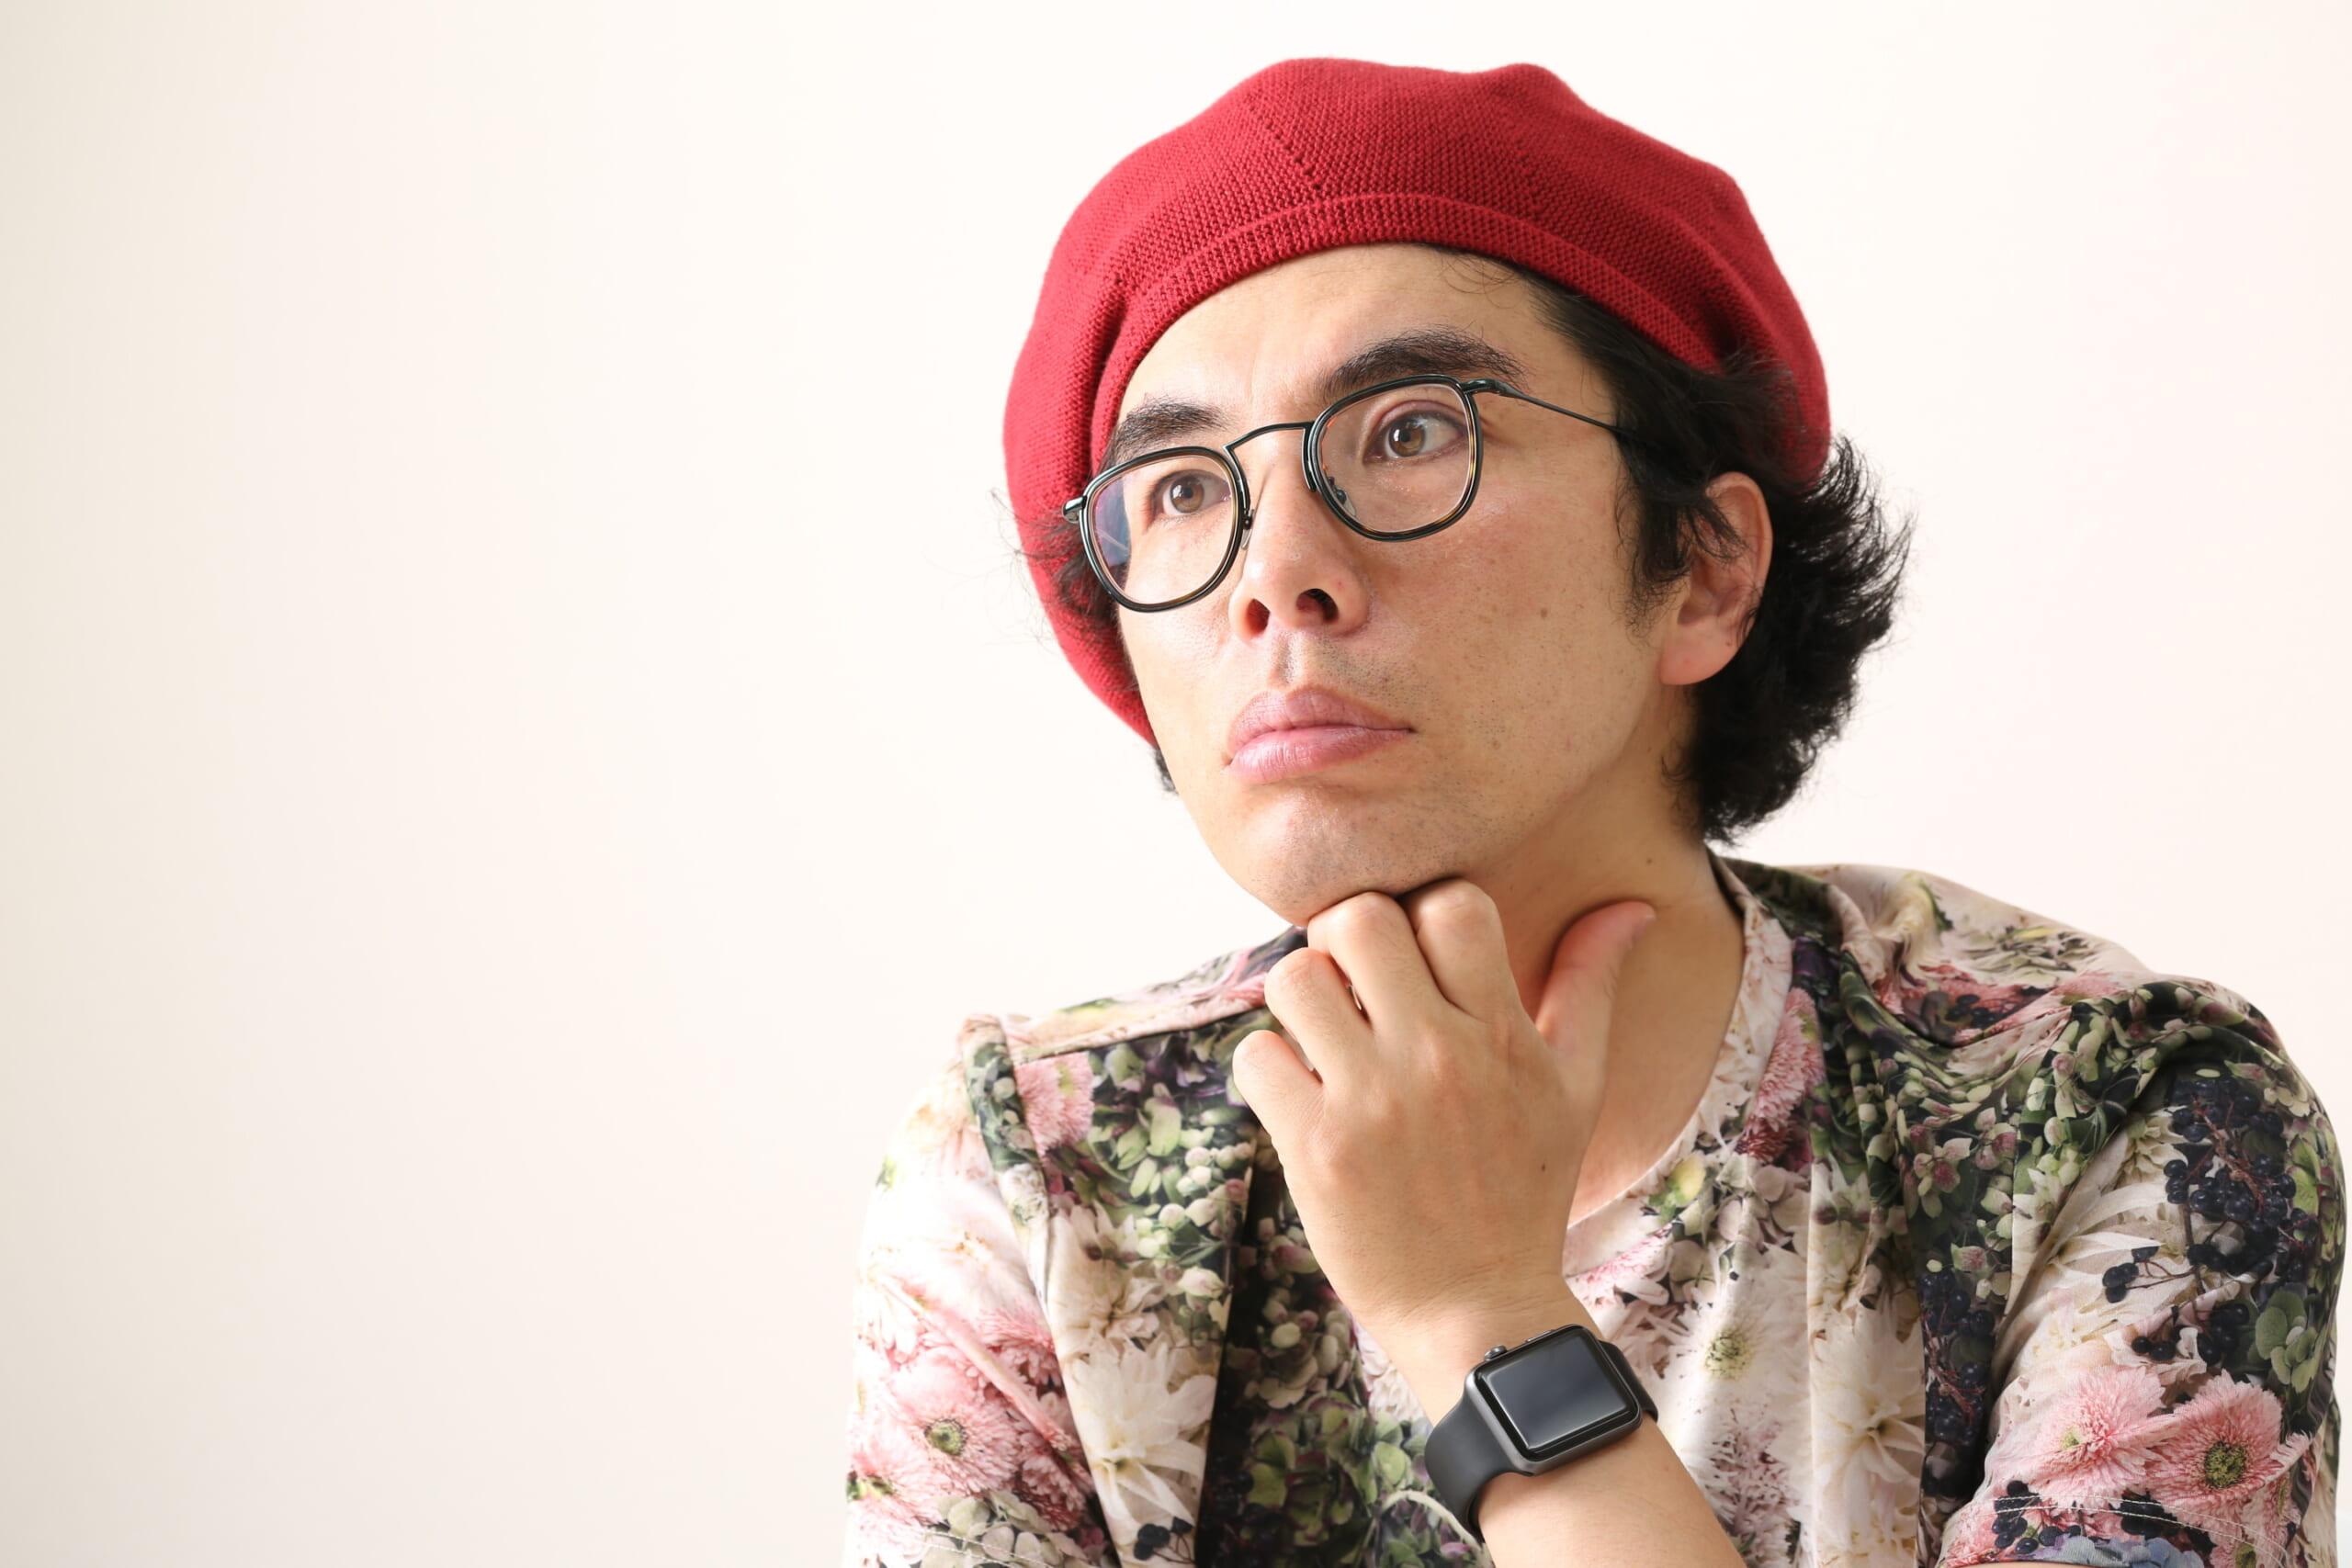 ラーメンズ片桐仁「今の自分があるのは小林賢太郎のおかげ」 相方の存在の大きさ語る